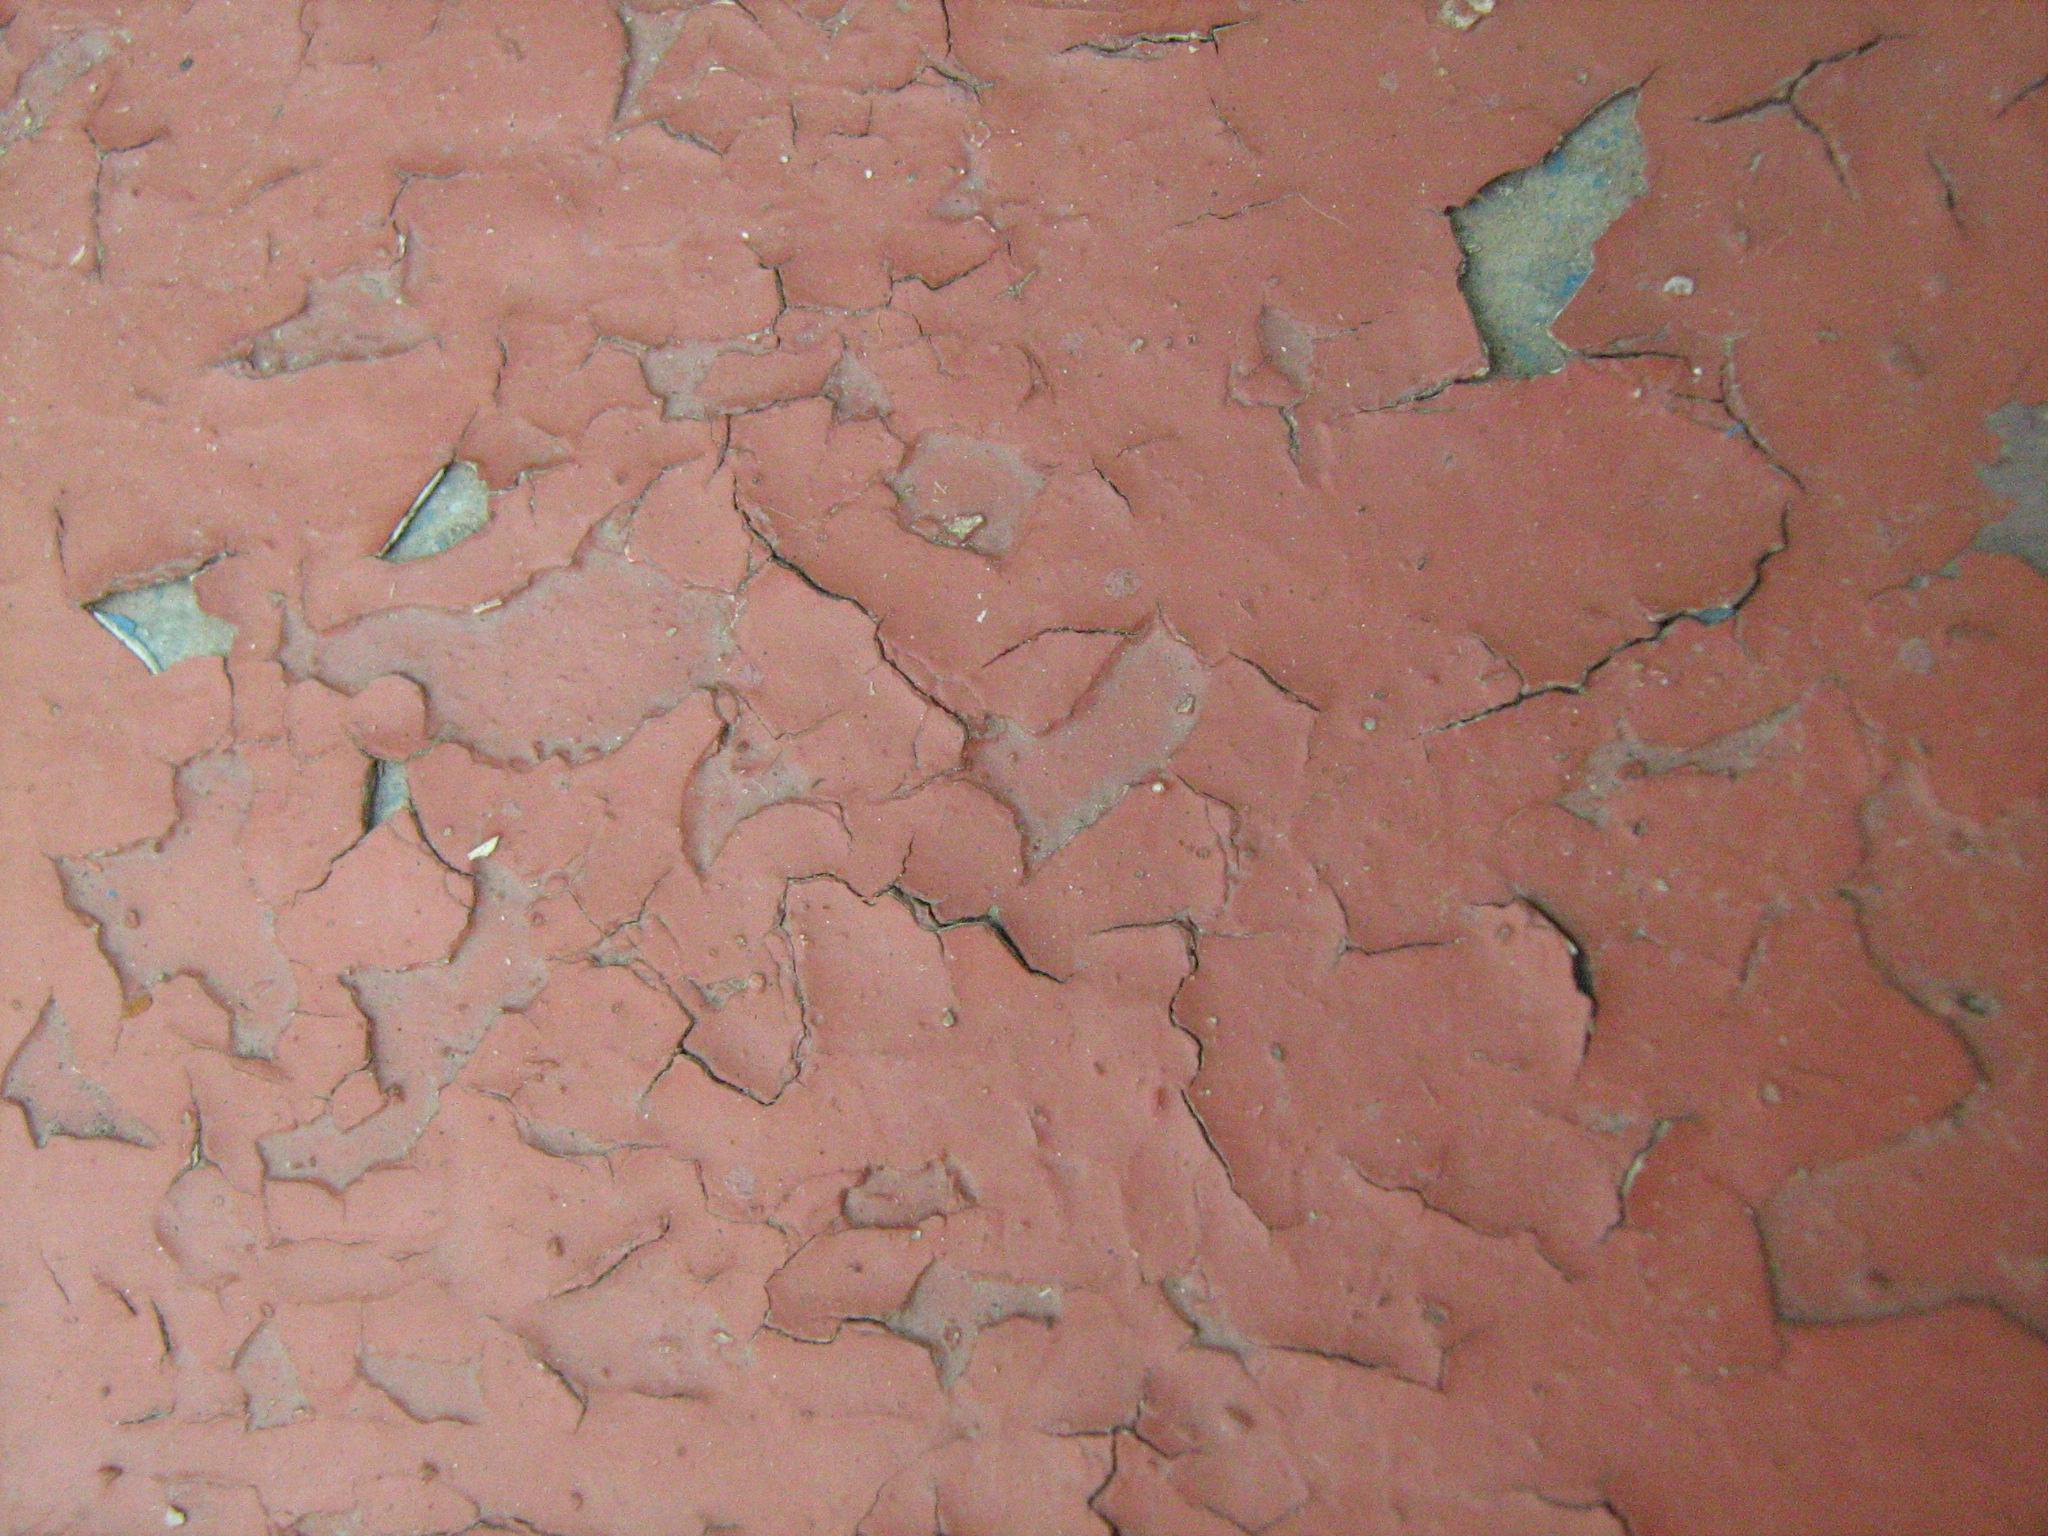 Появление тещин на окрашенной стене